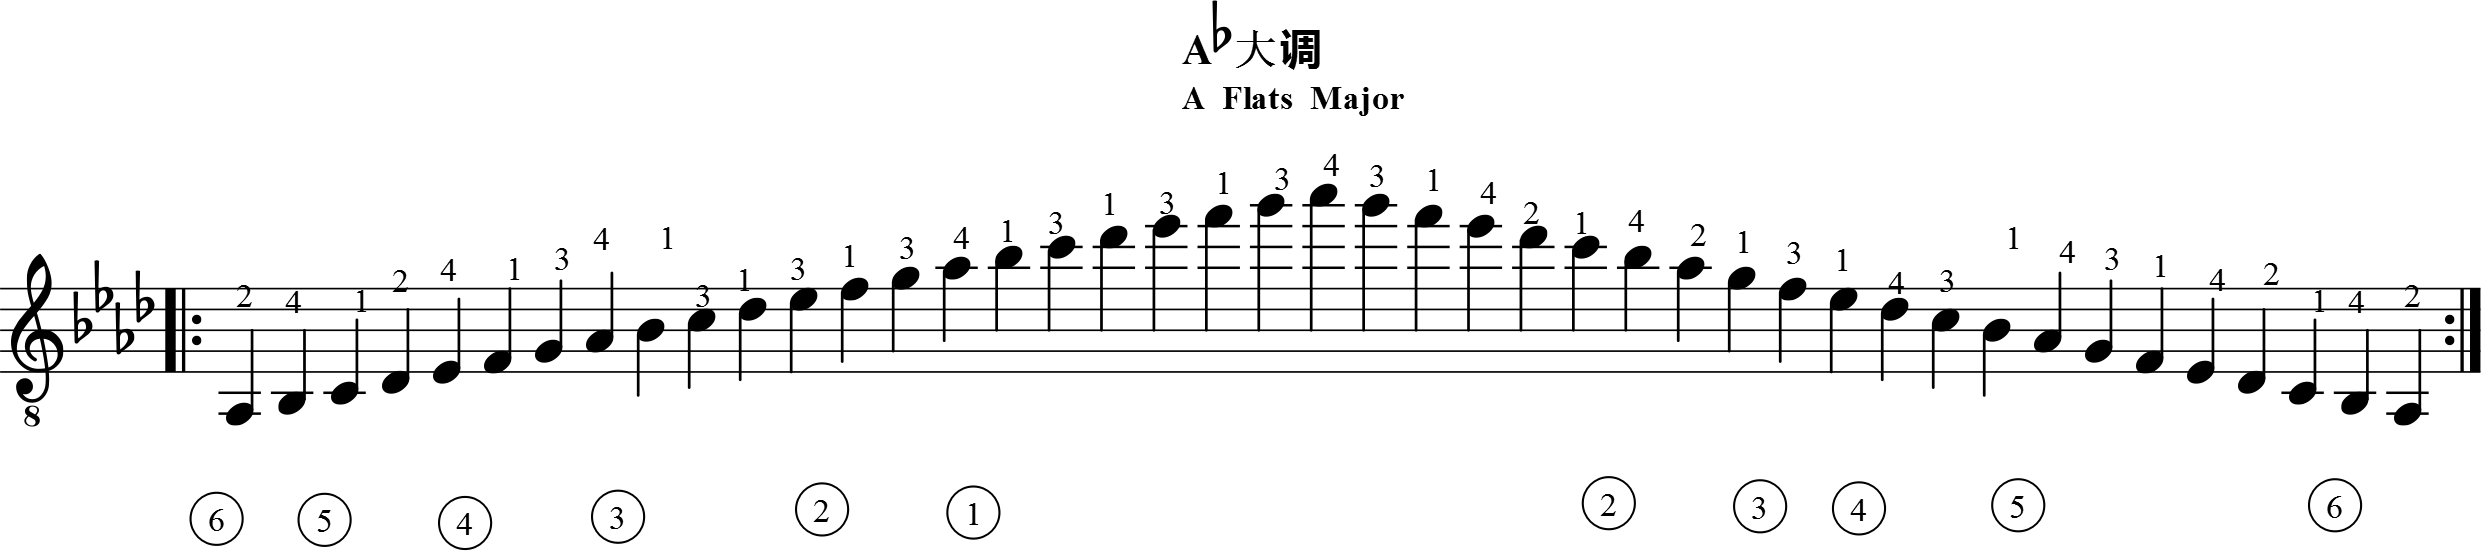 北国之春萨克斯简谱降e-Ab大调有四个降记号:Bb音,Eb音,Ab音和Db音.从E 弦第四品位